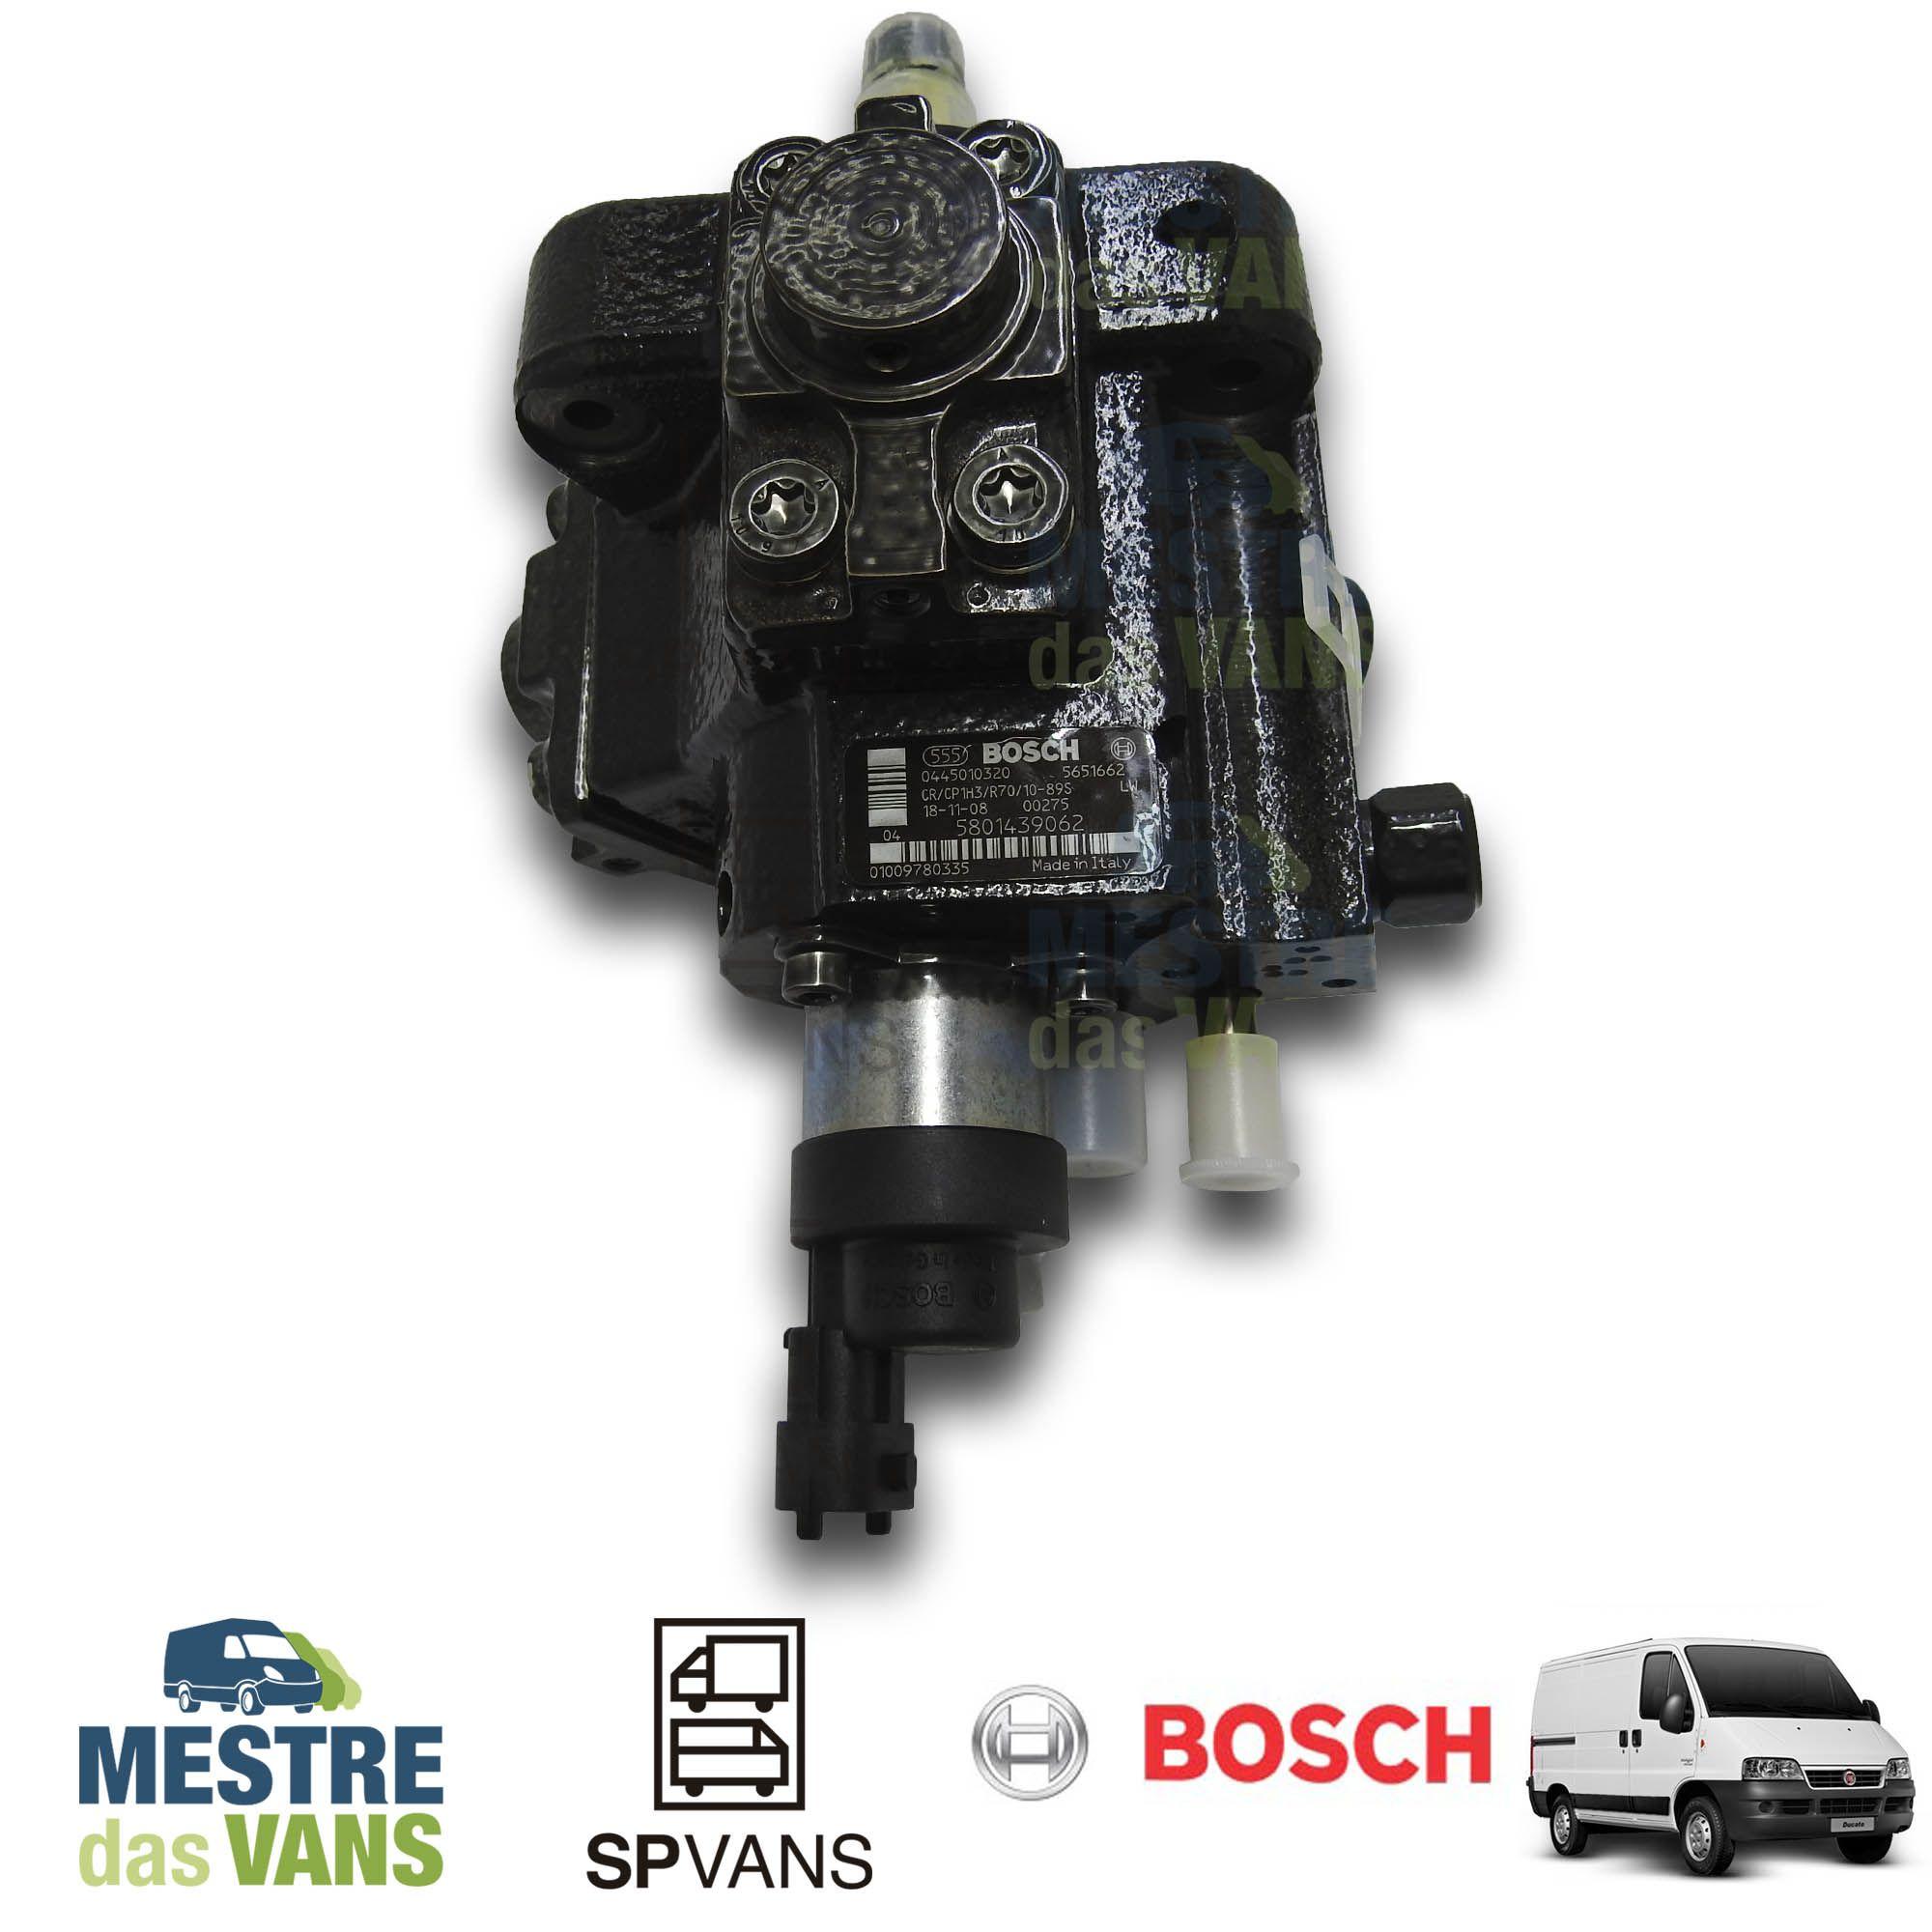 Bomba Injetora (alta) Ducato / Boxer / Jumper 2.3 Euro 5 Bosch